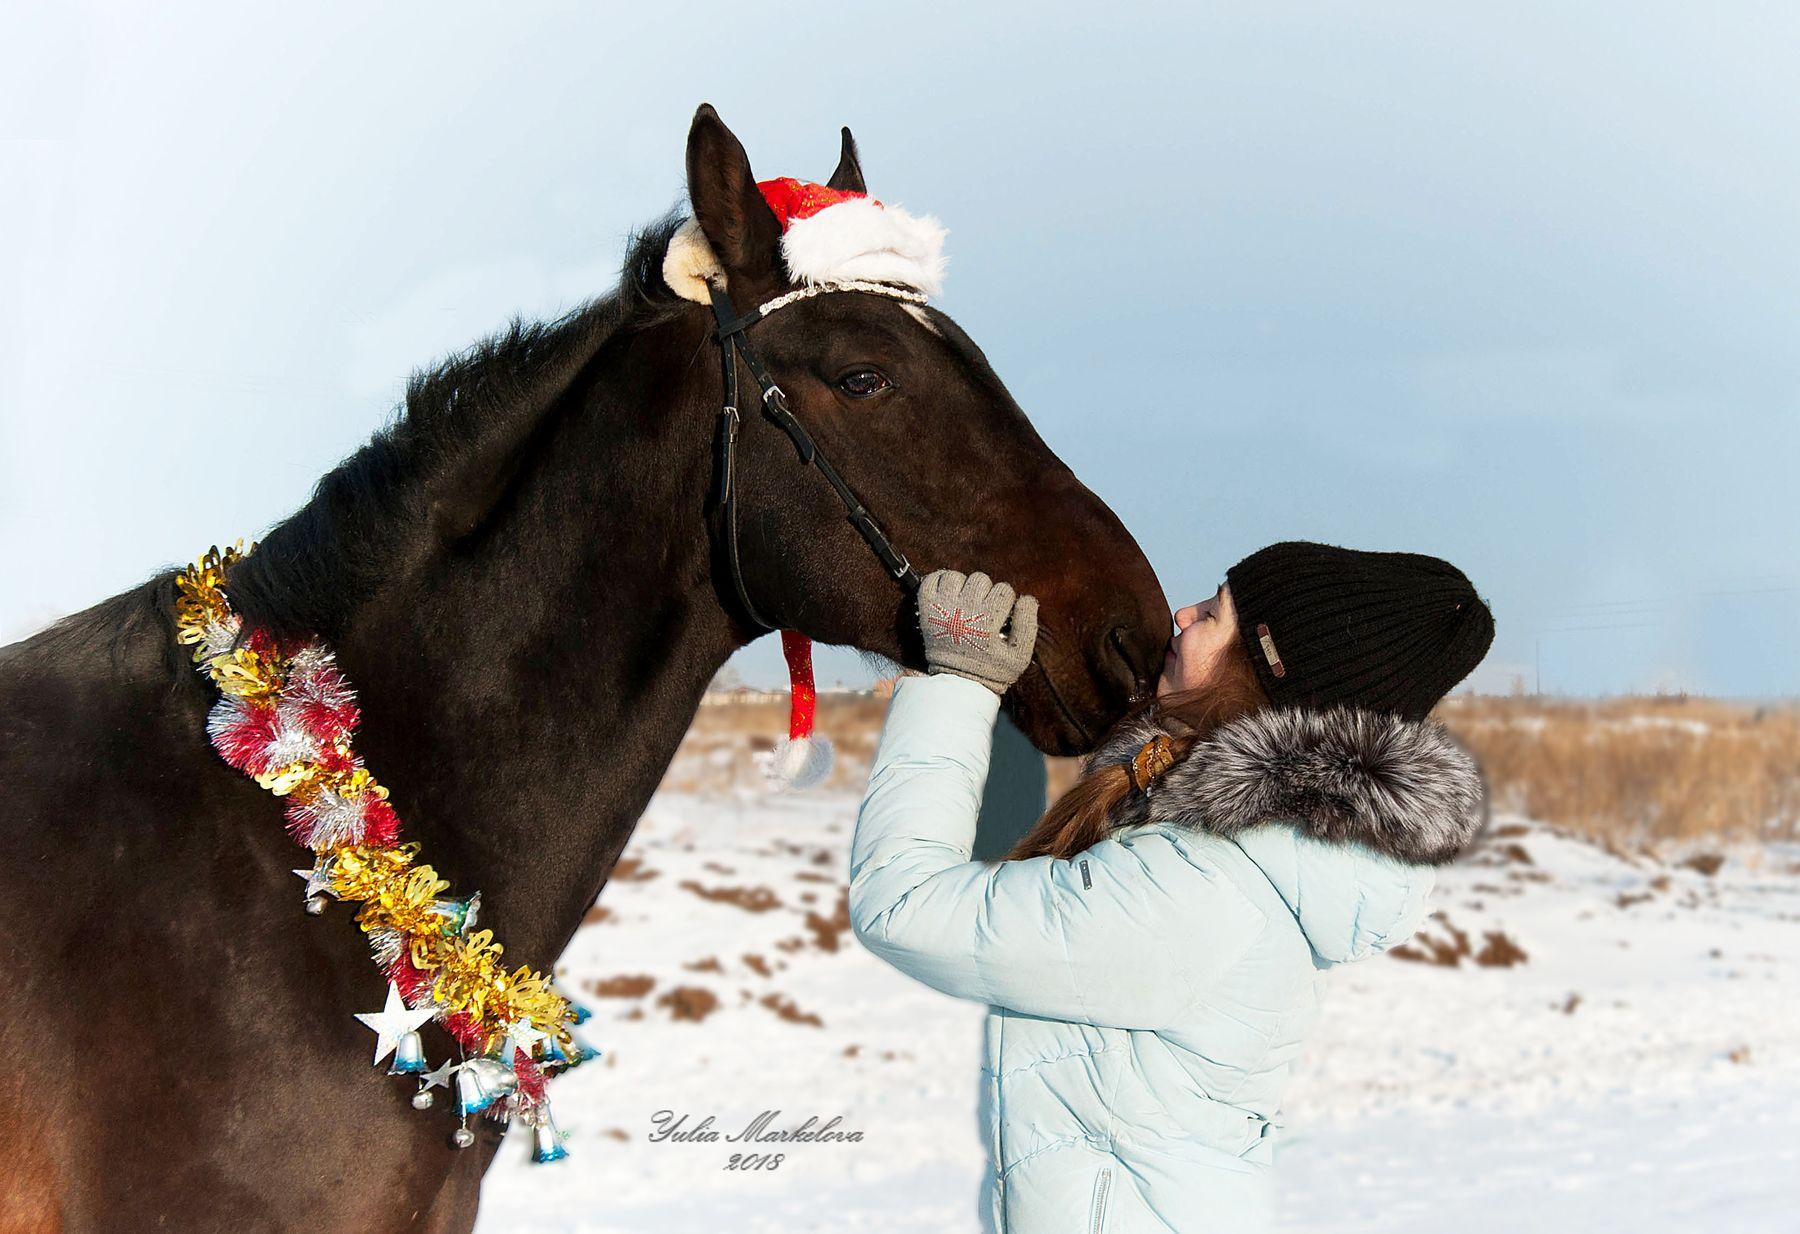 больше чем дружба! лошадка зима снег мороз